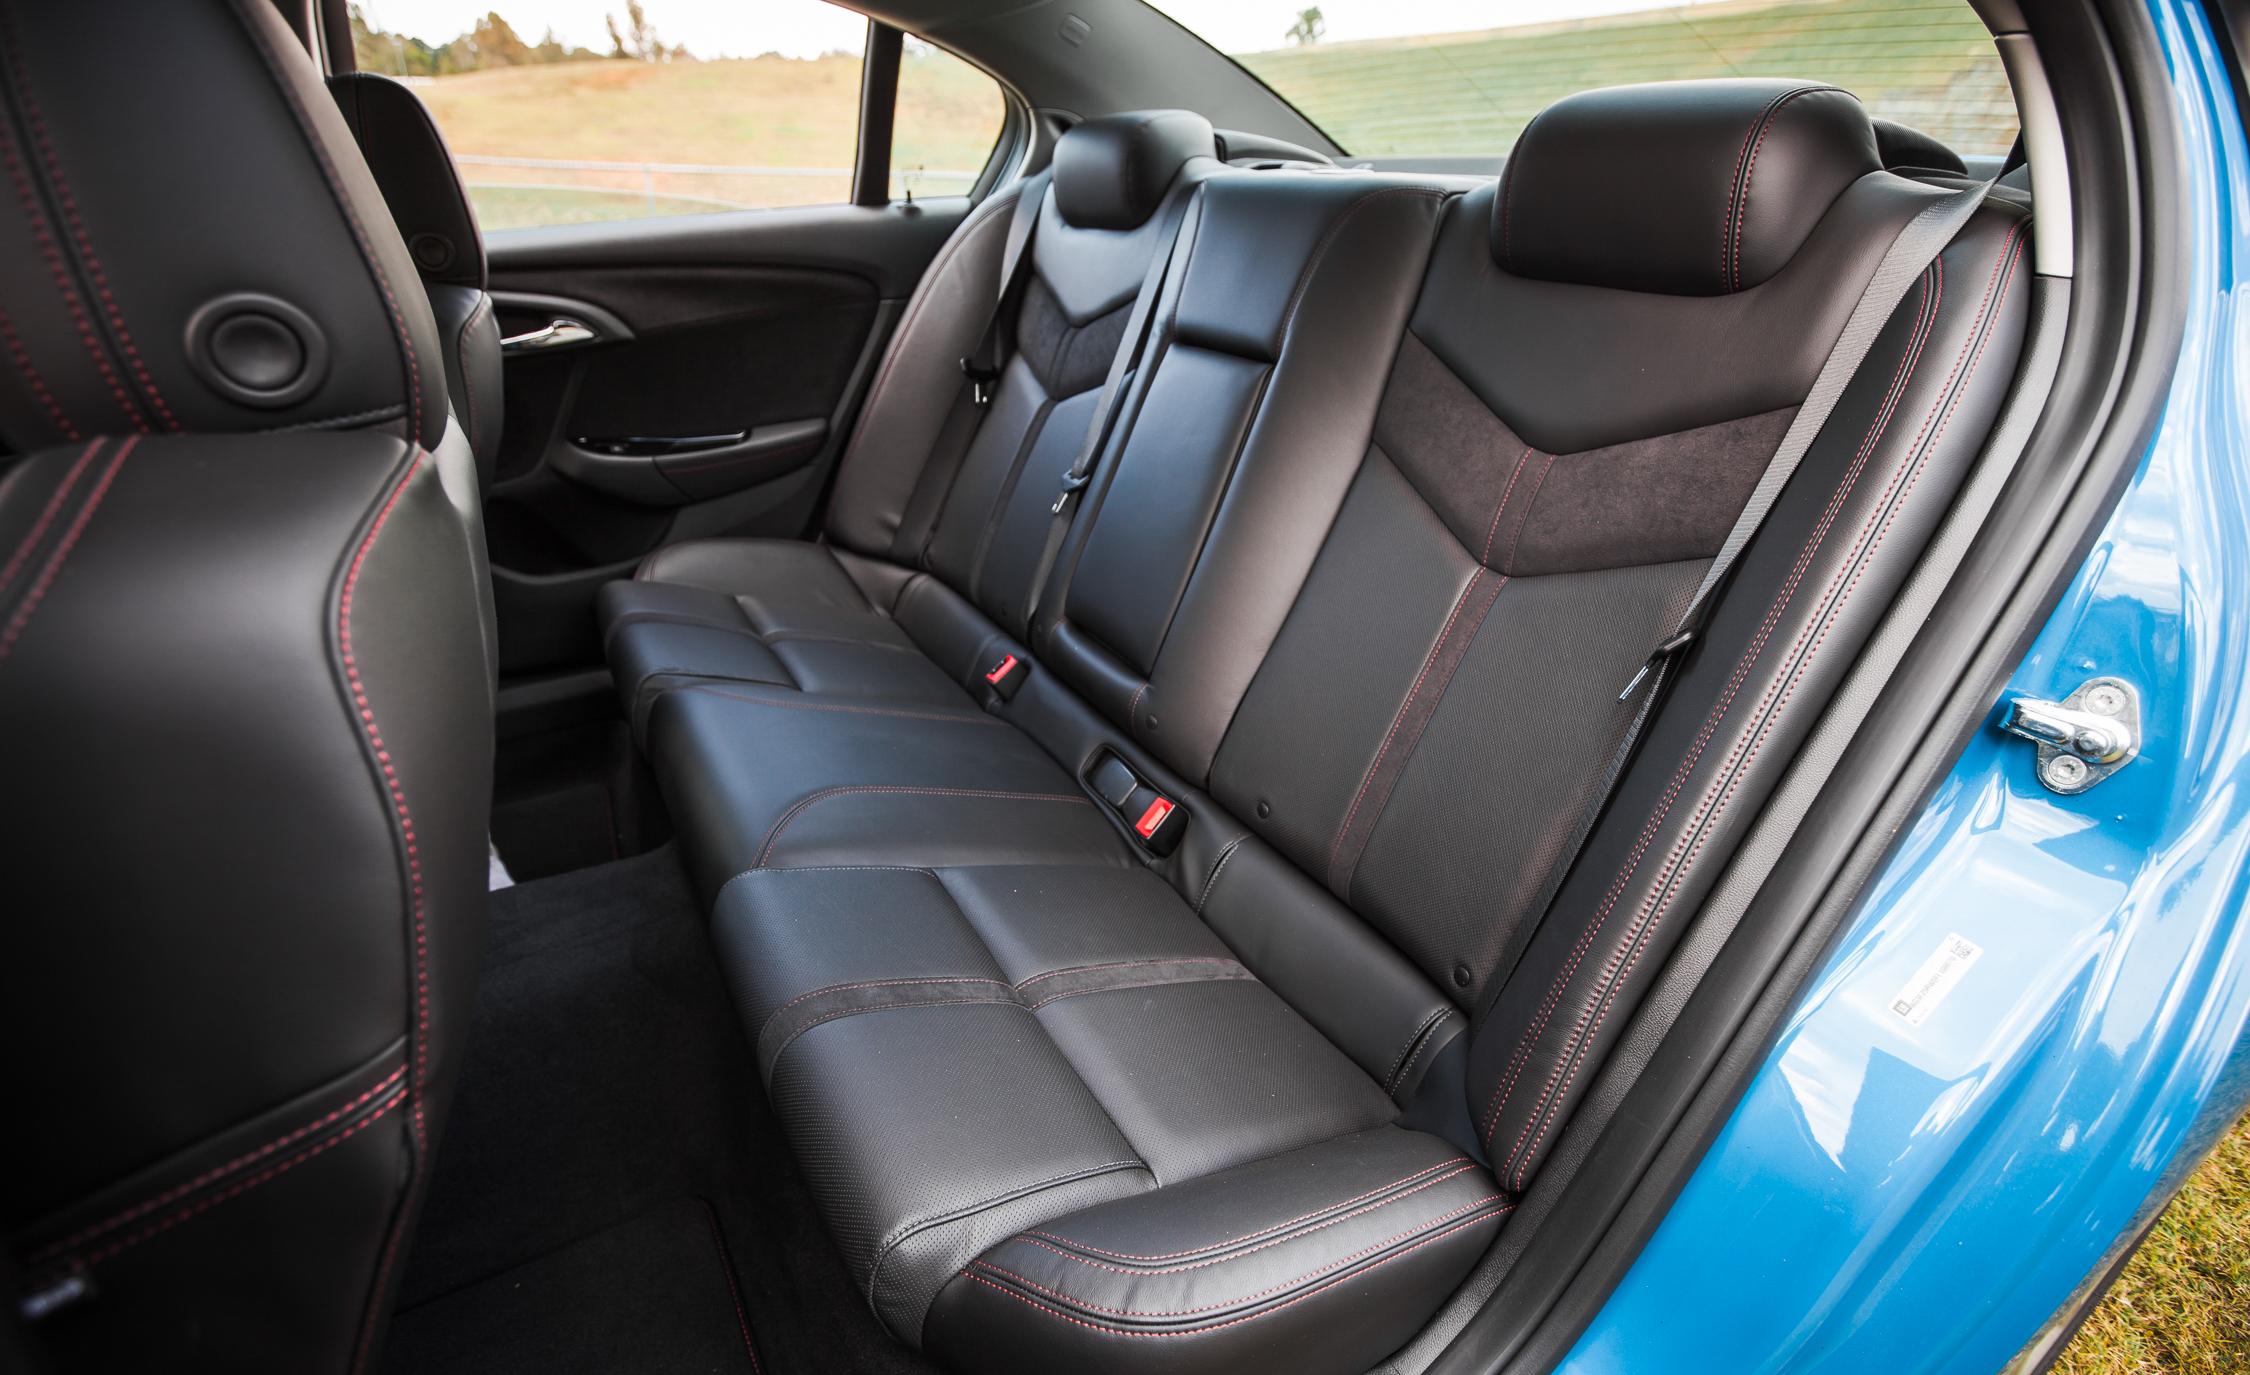 2015 Chevrolet SS Interior Rear Passenger Seats